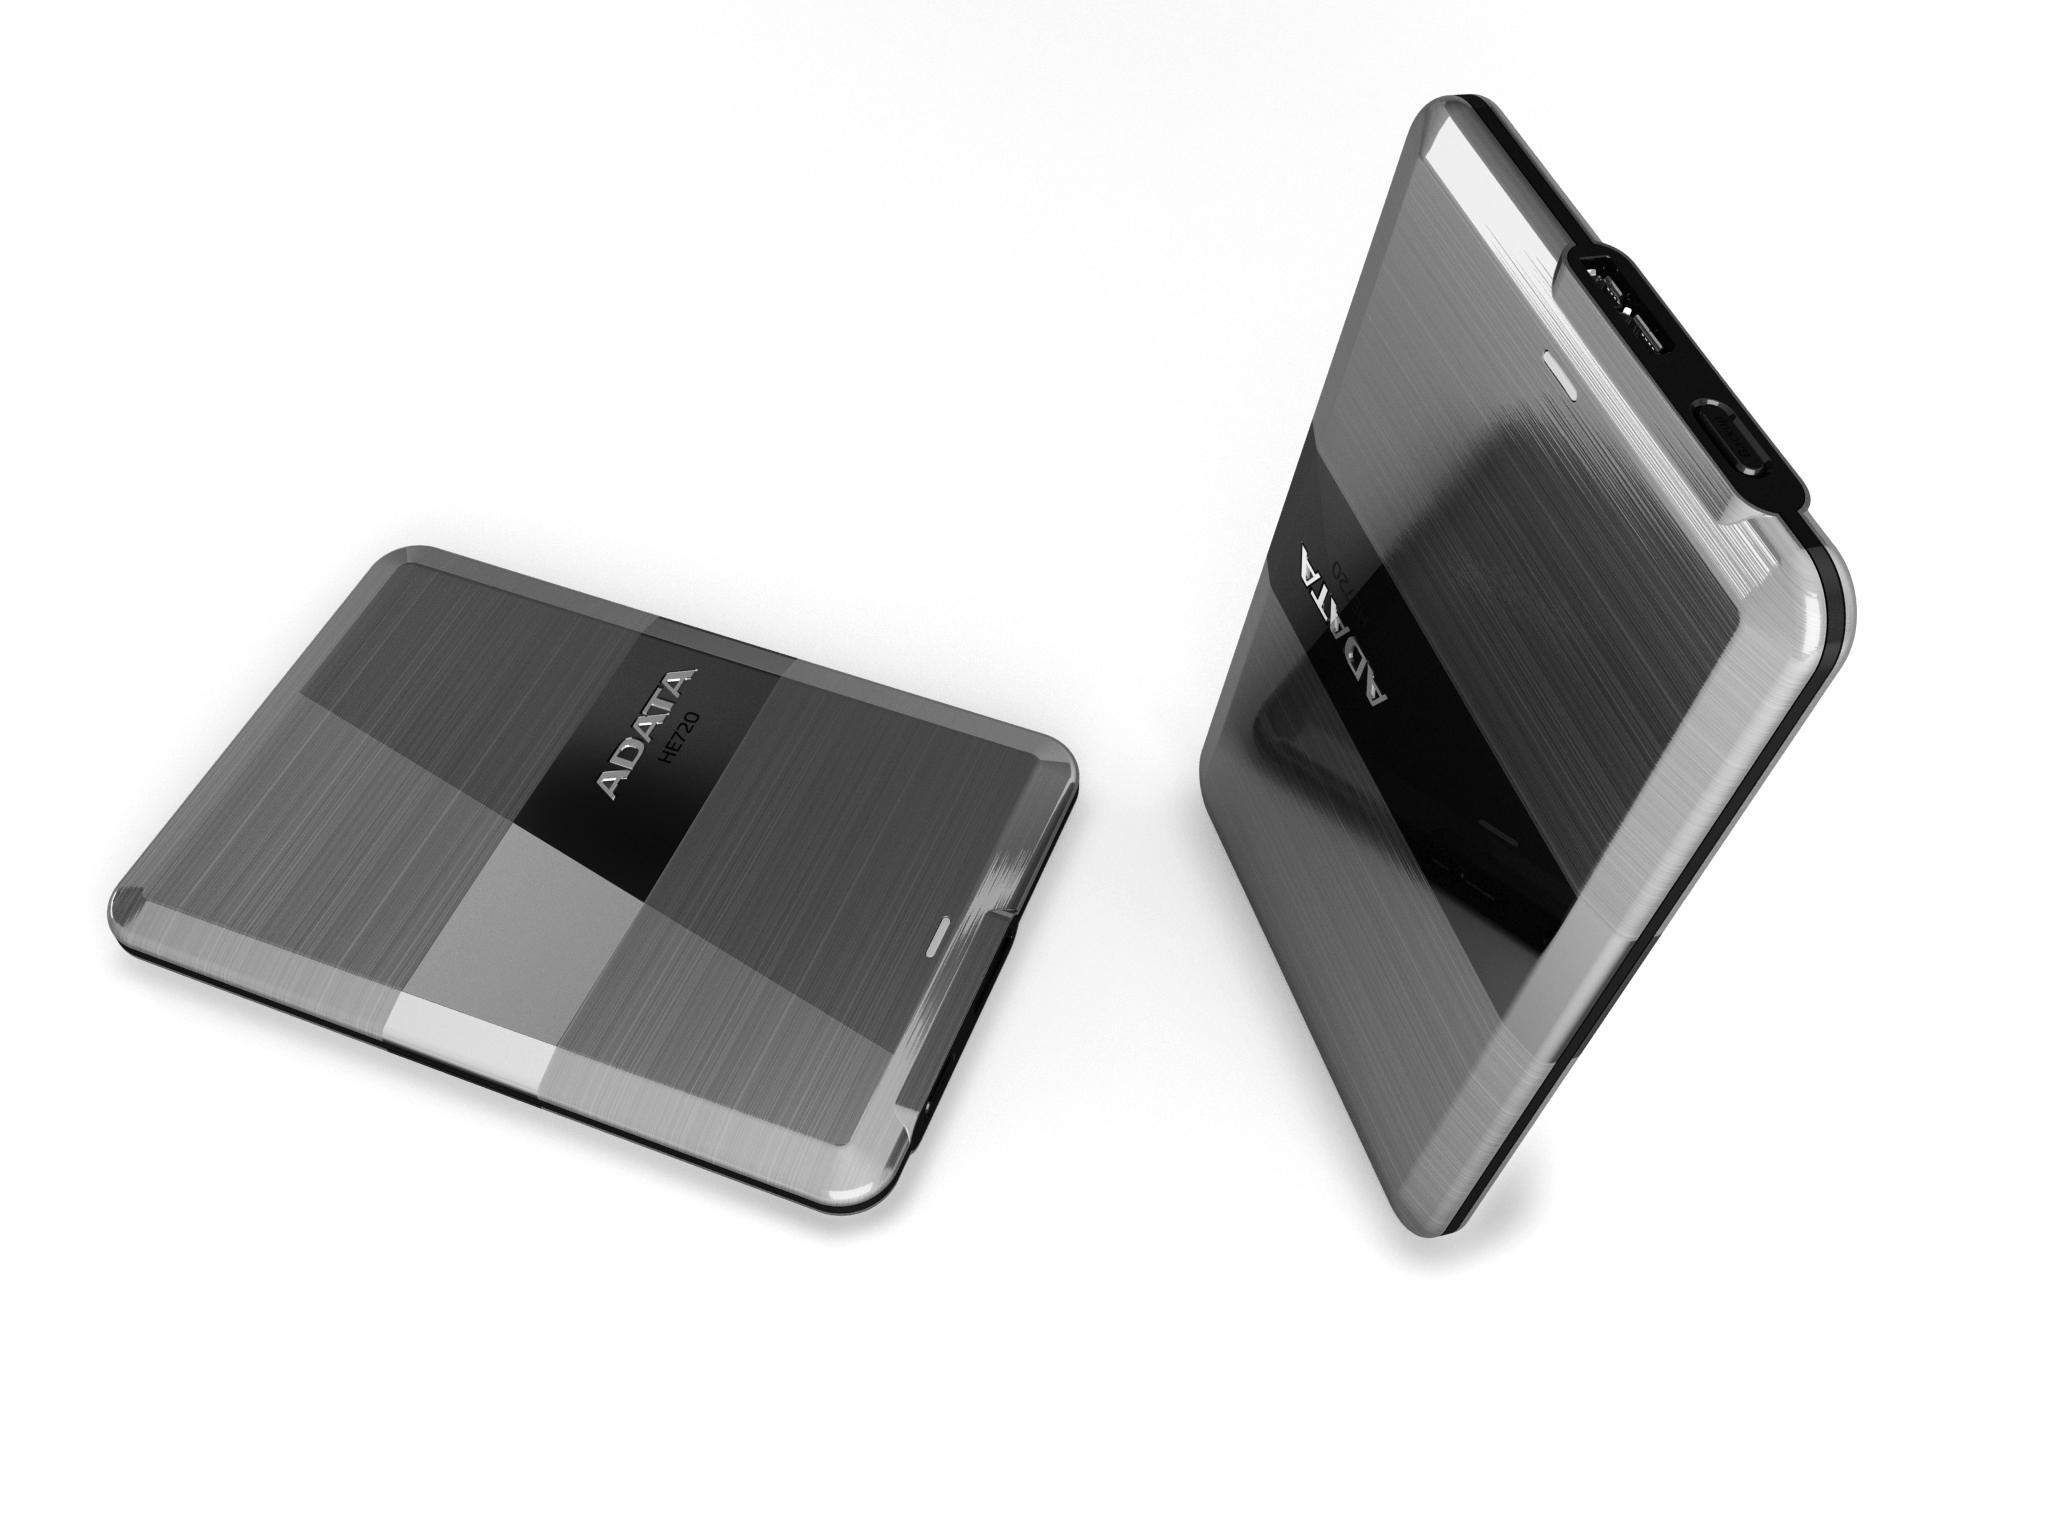 金屬時尚超薄USB 3.0外接式硬碟 / 威剛科技股份有限公司